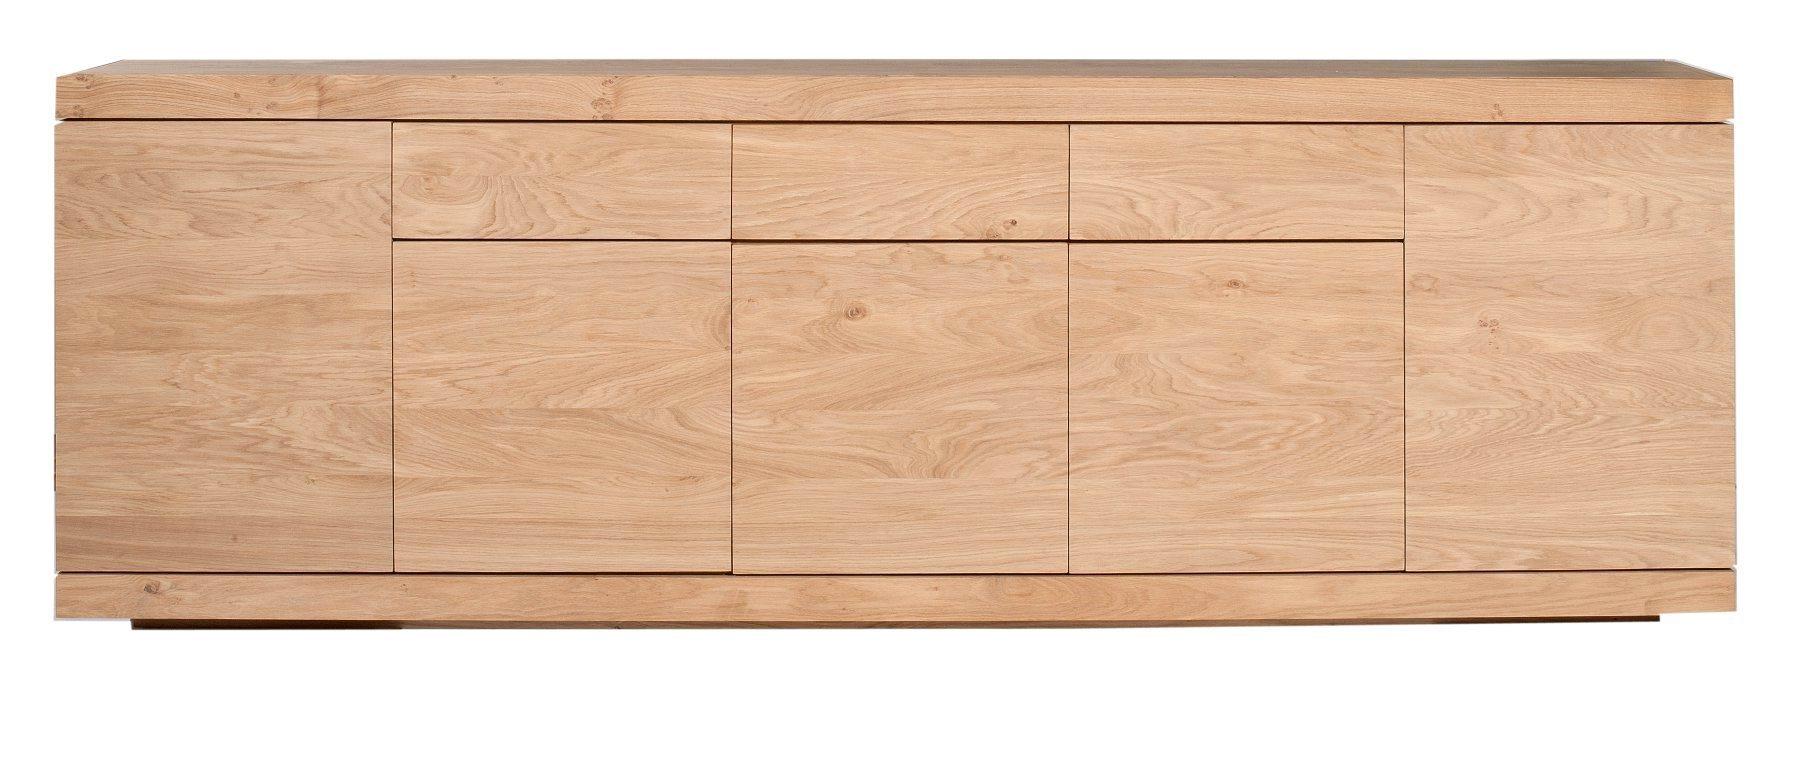 ethnicraft oak burger dressoir sideboard teakwoodstore24. Black Bedroom Furniture Sets. Home Design Ideas